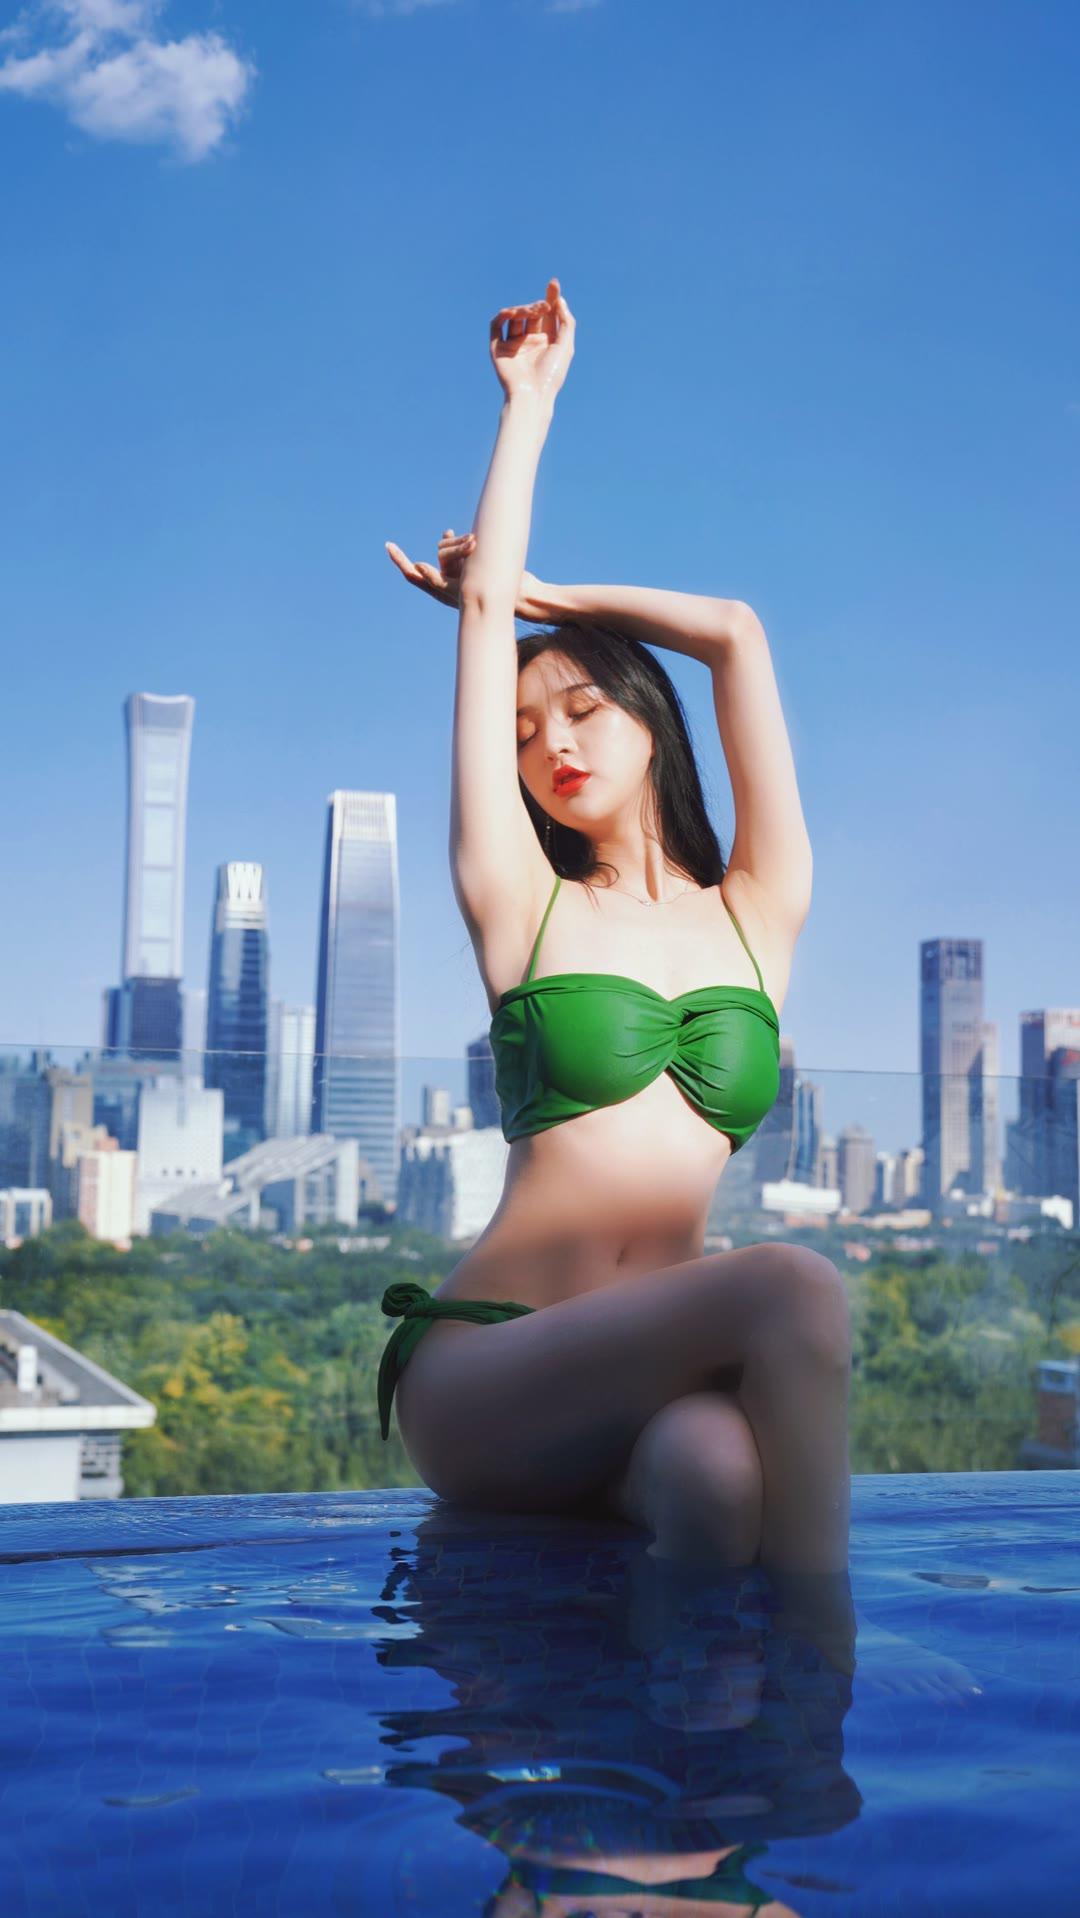 网红美女壁纸:泳池比基尼套图